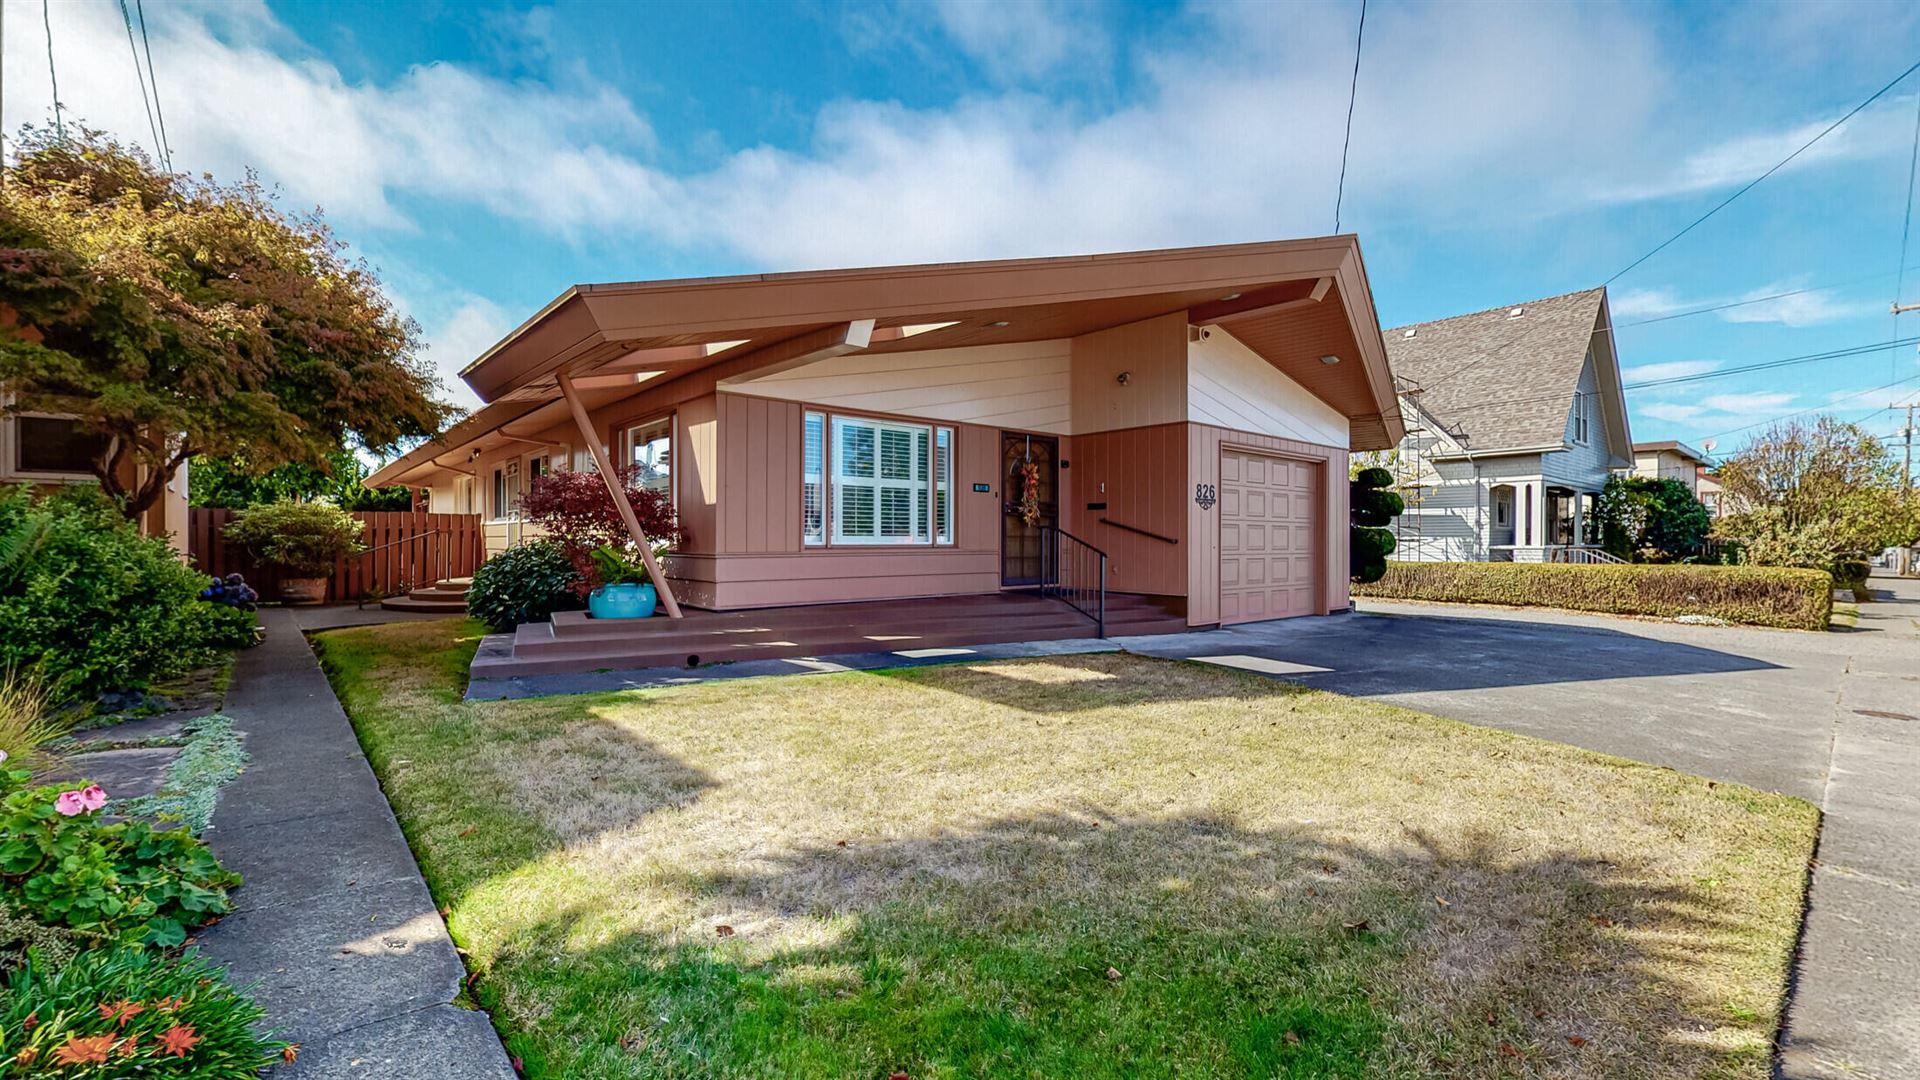 826 J Street, Eureka, CA 95501 - MLS#: 260263